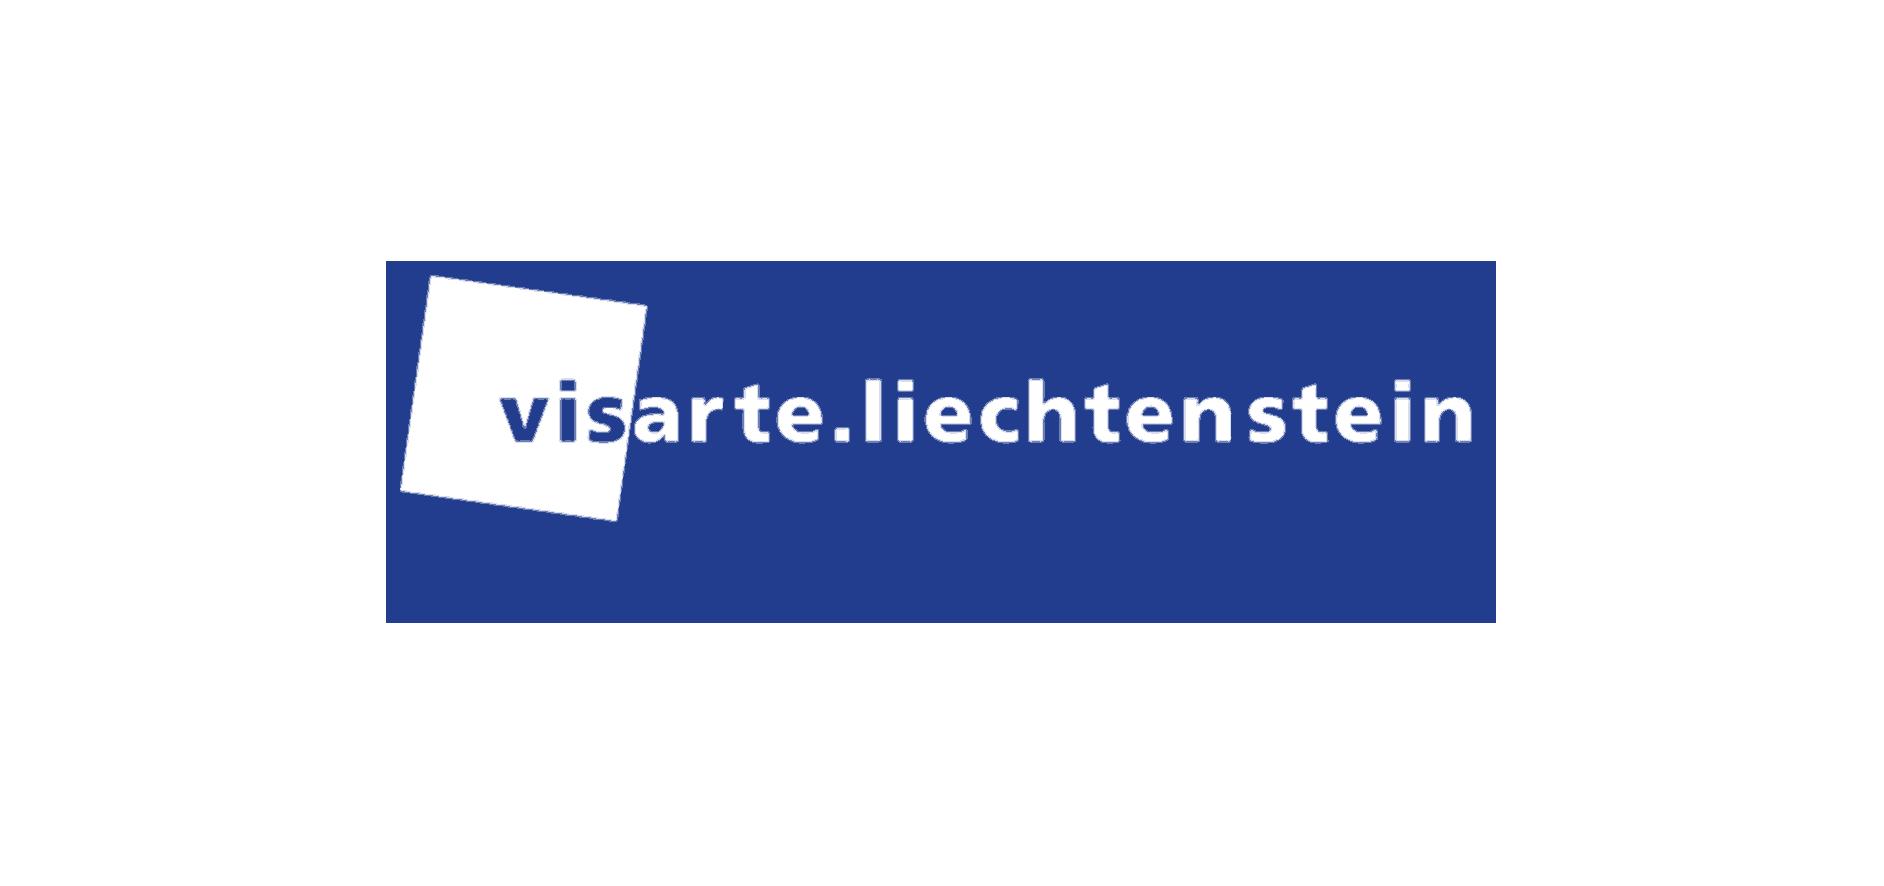 Visarte.Liechtenstein